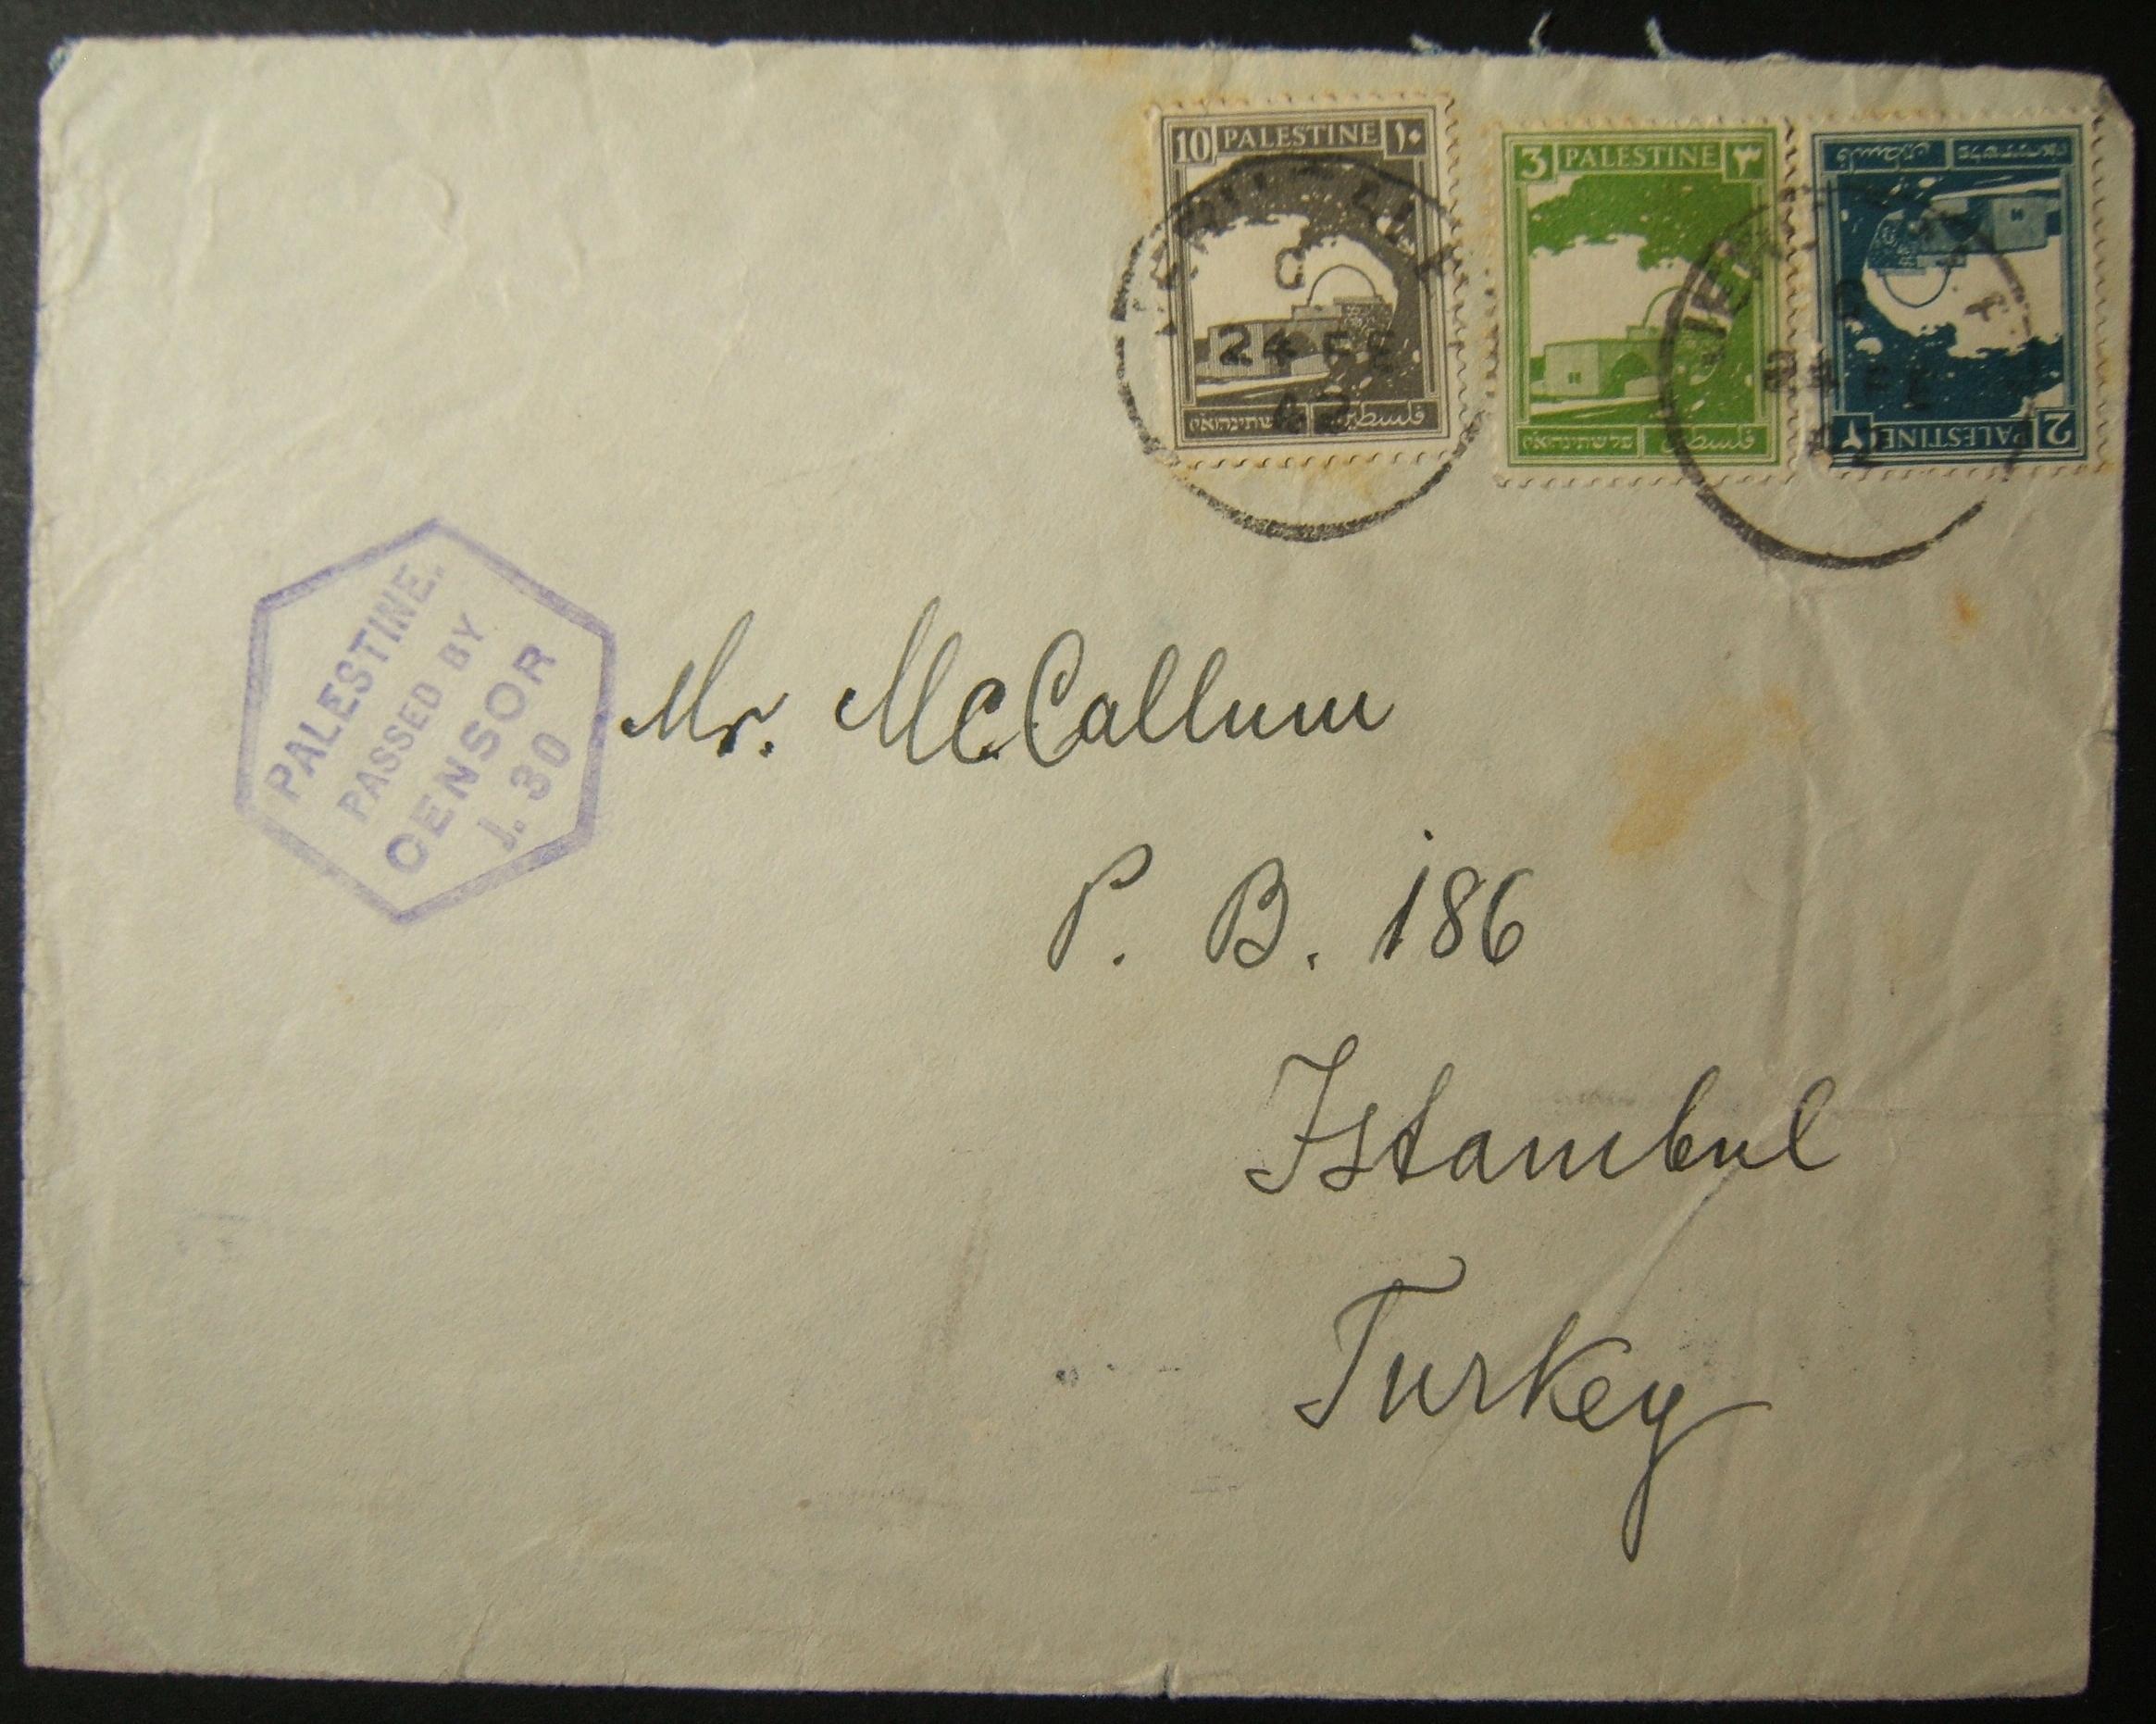 2/1942 מכתבי מלחמת העולם השנייה מירושלים אל הכתובת הסמויה באיסטנבול, דרך אנקרה